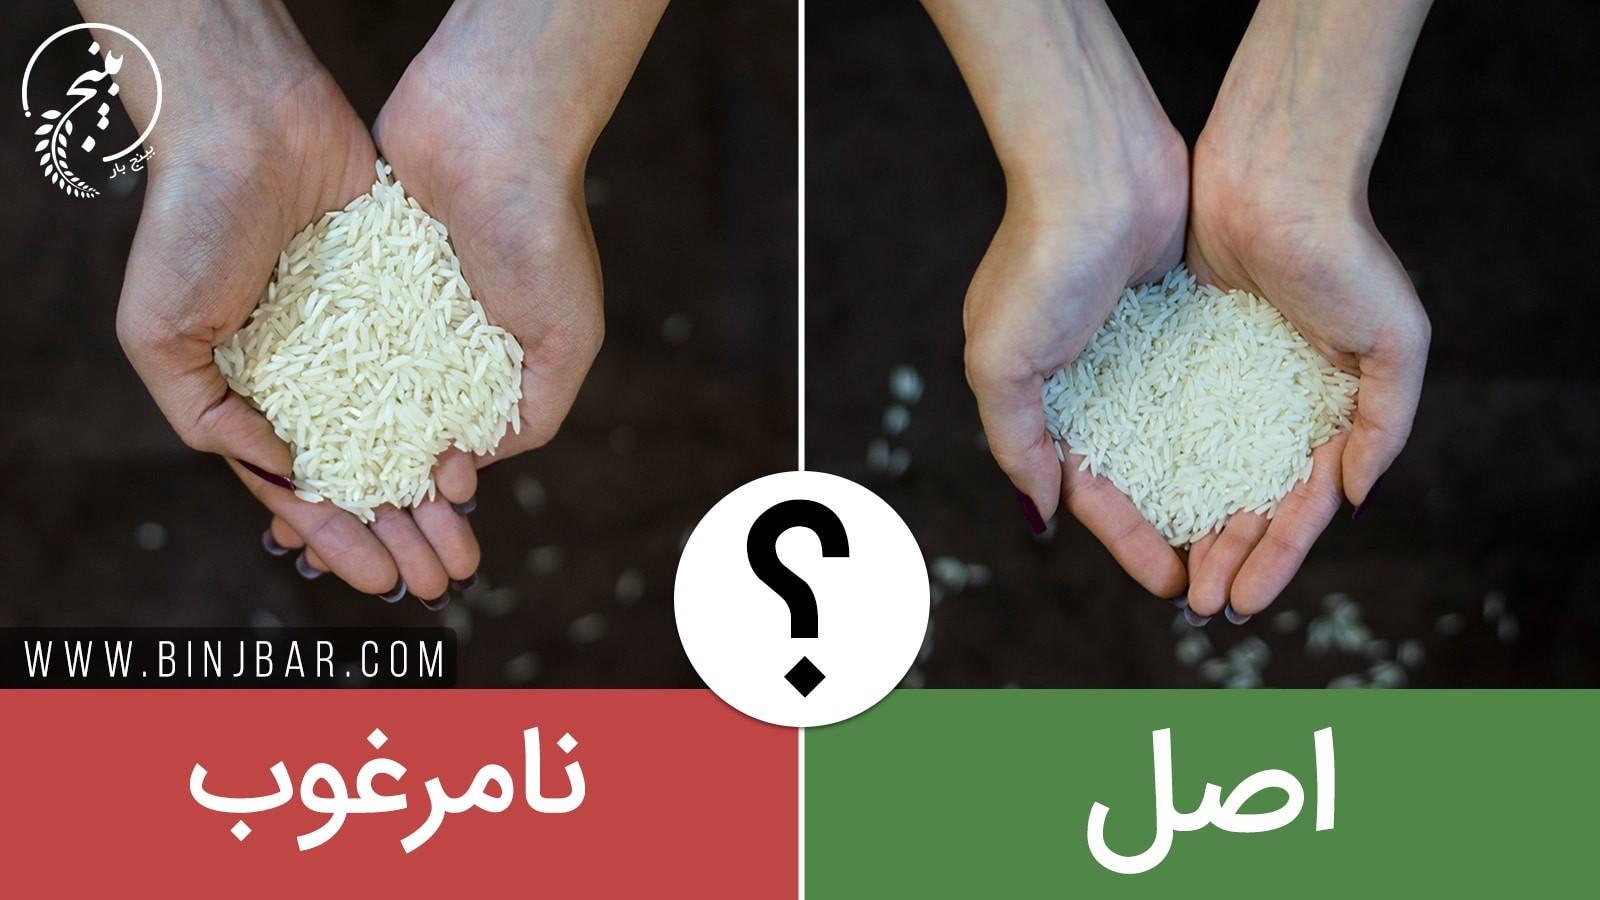 نحوه ی تشخیص برنج ایرانی مرغوب + عکس